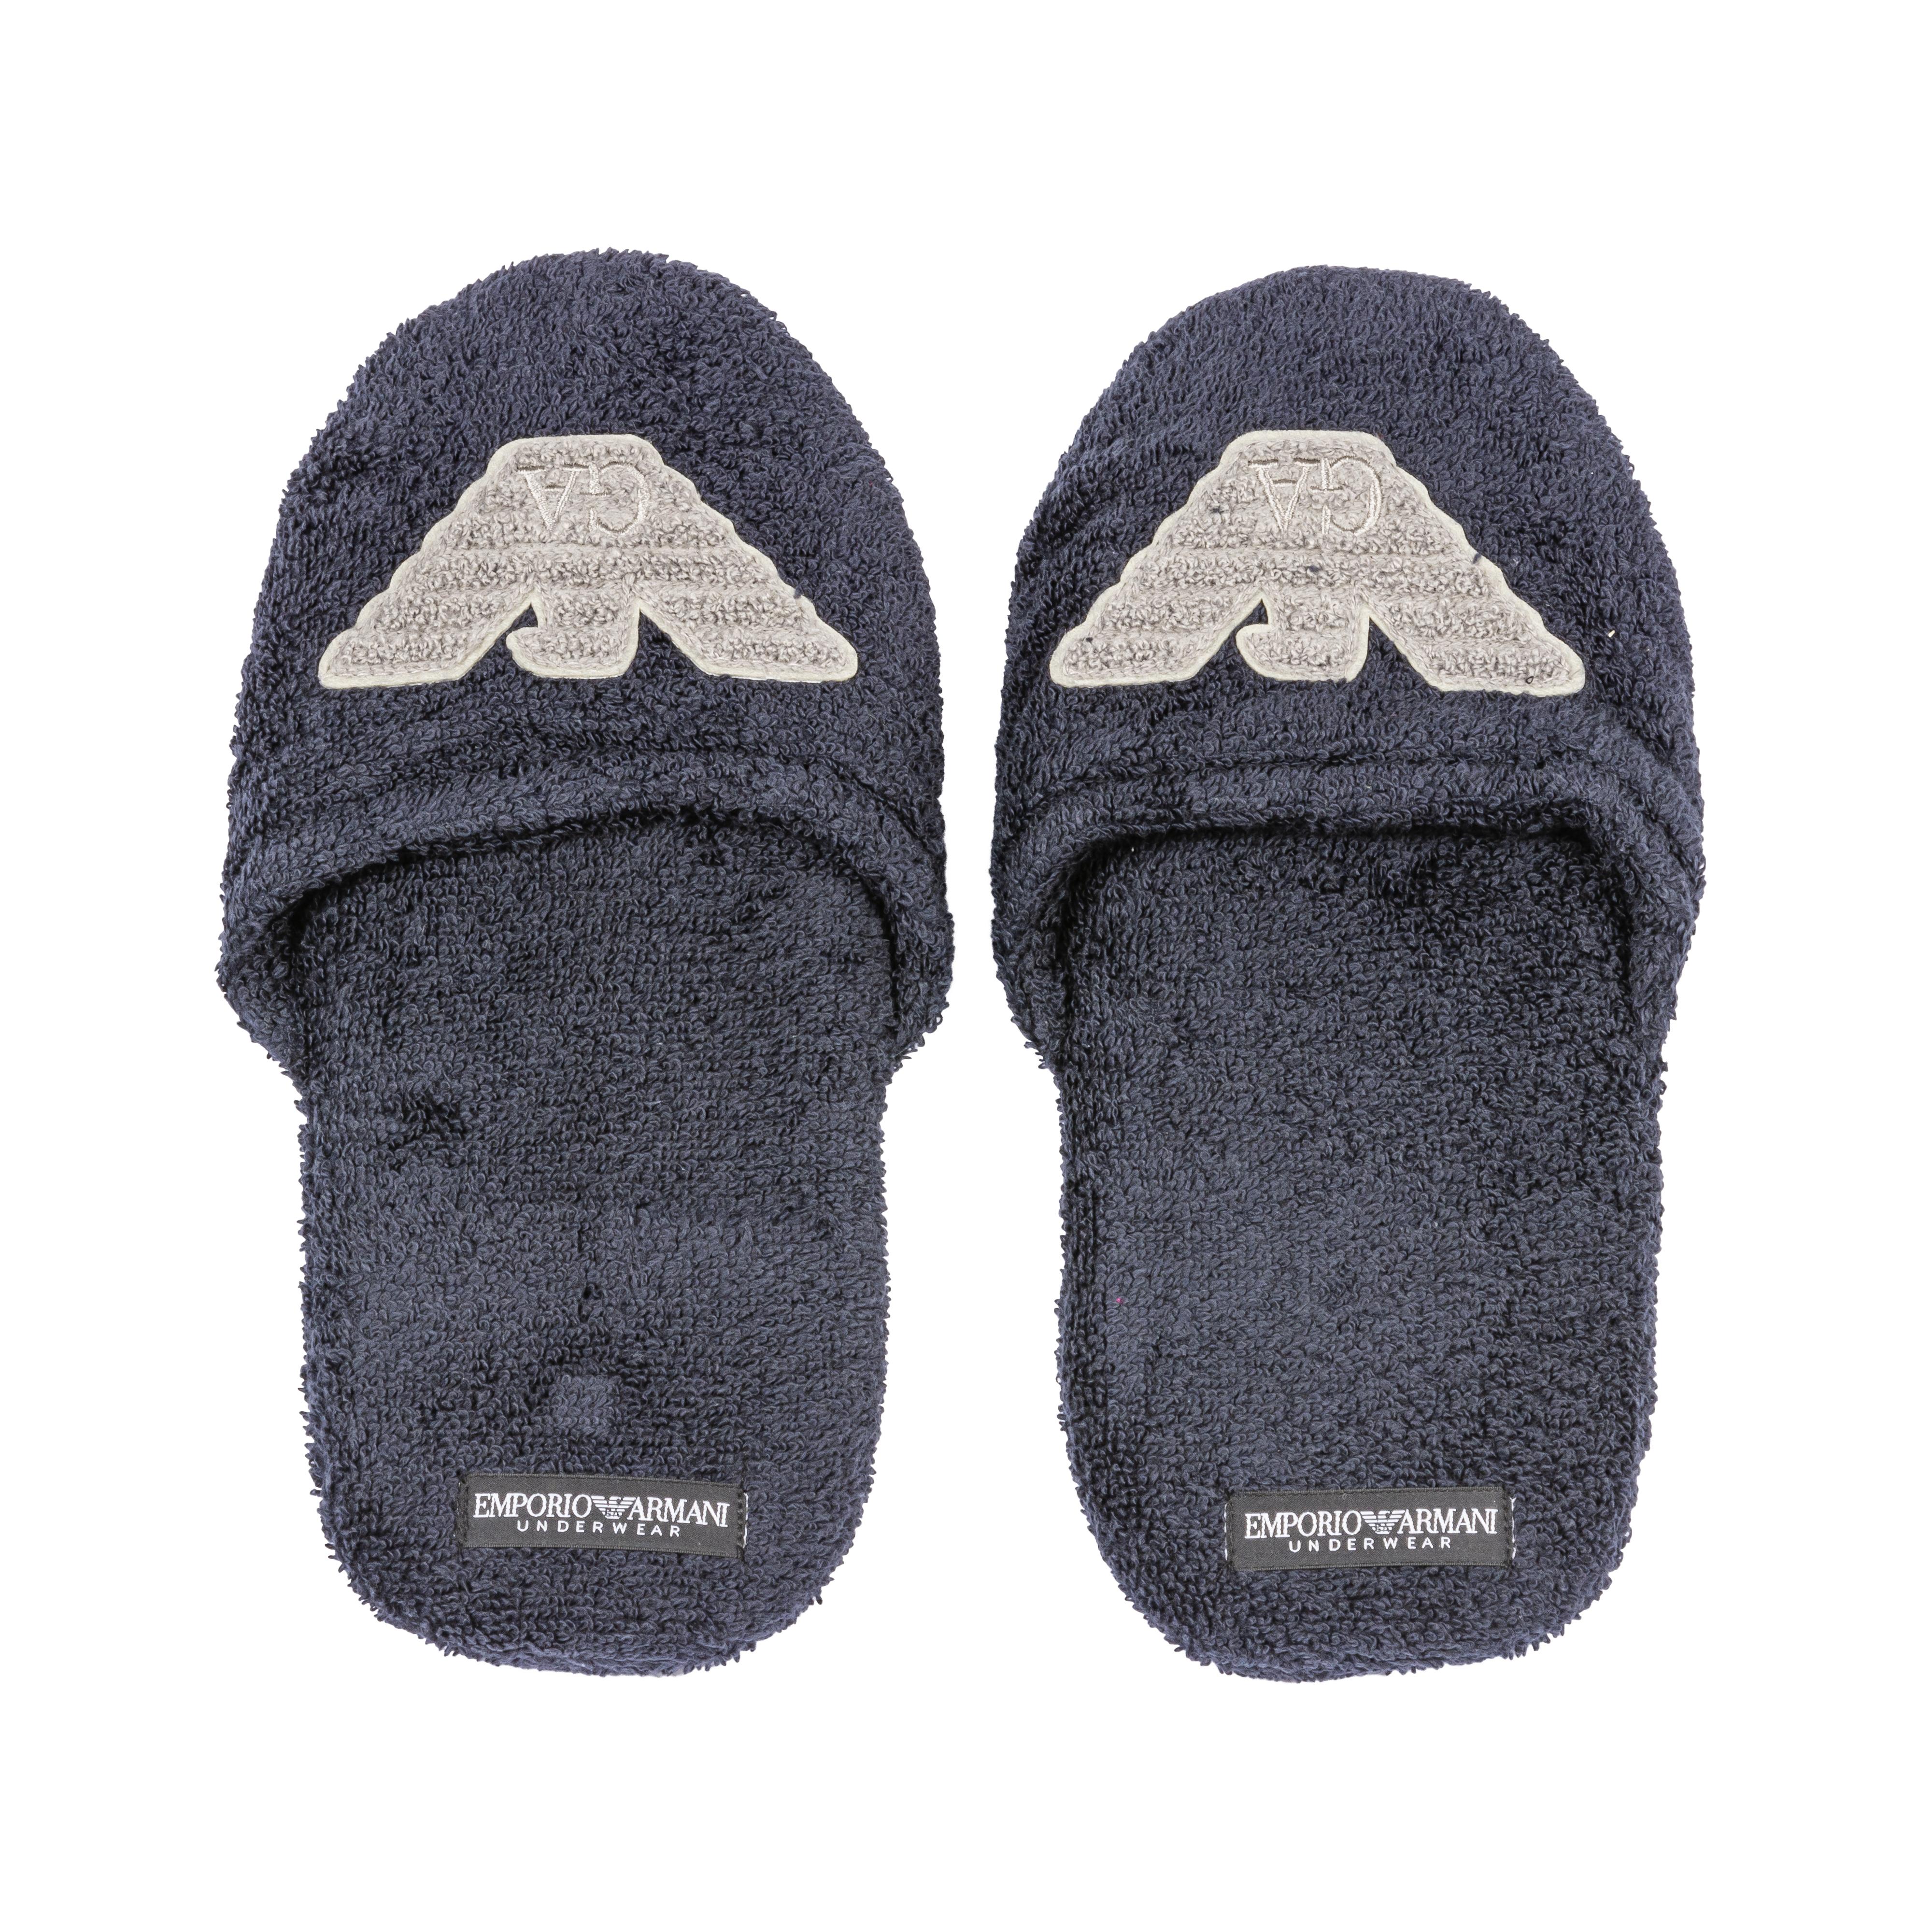 Chaussons  en coton bleu marine et logo gris